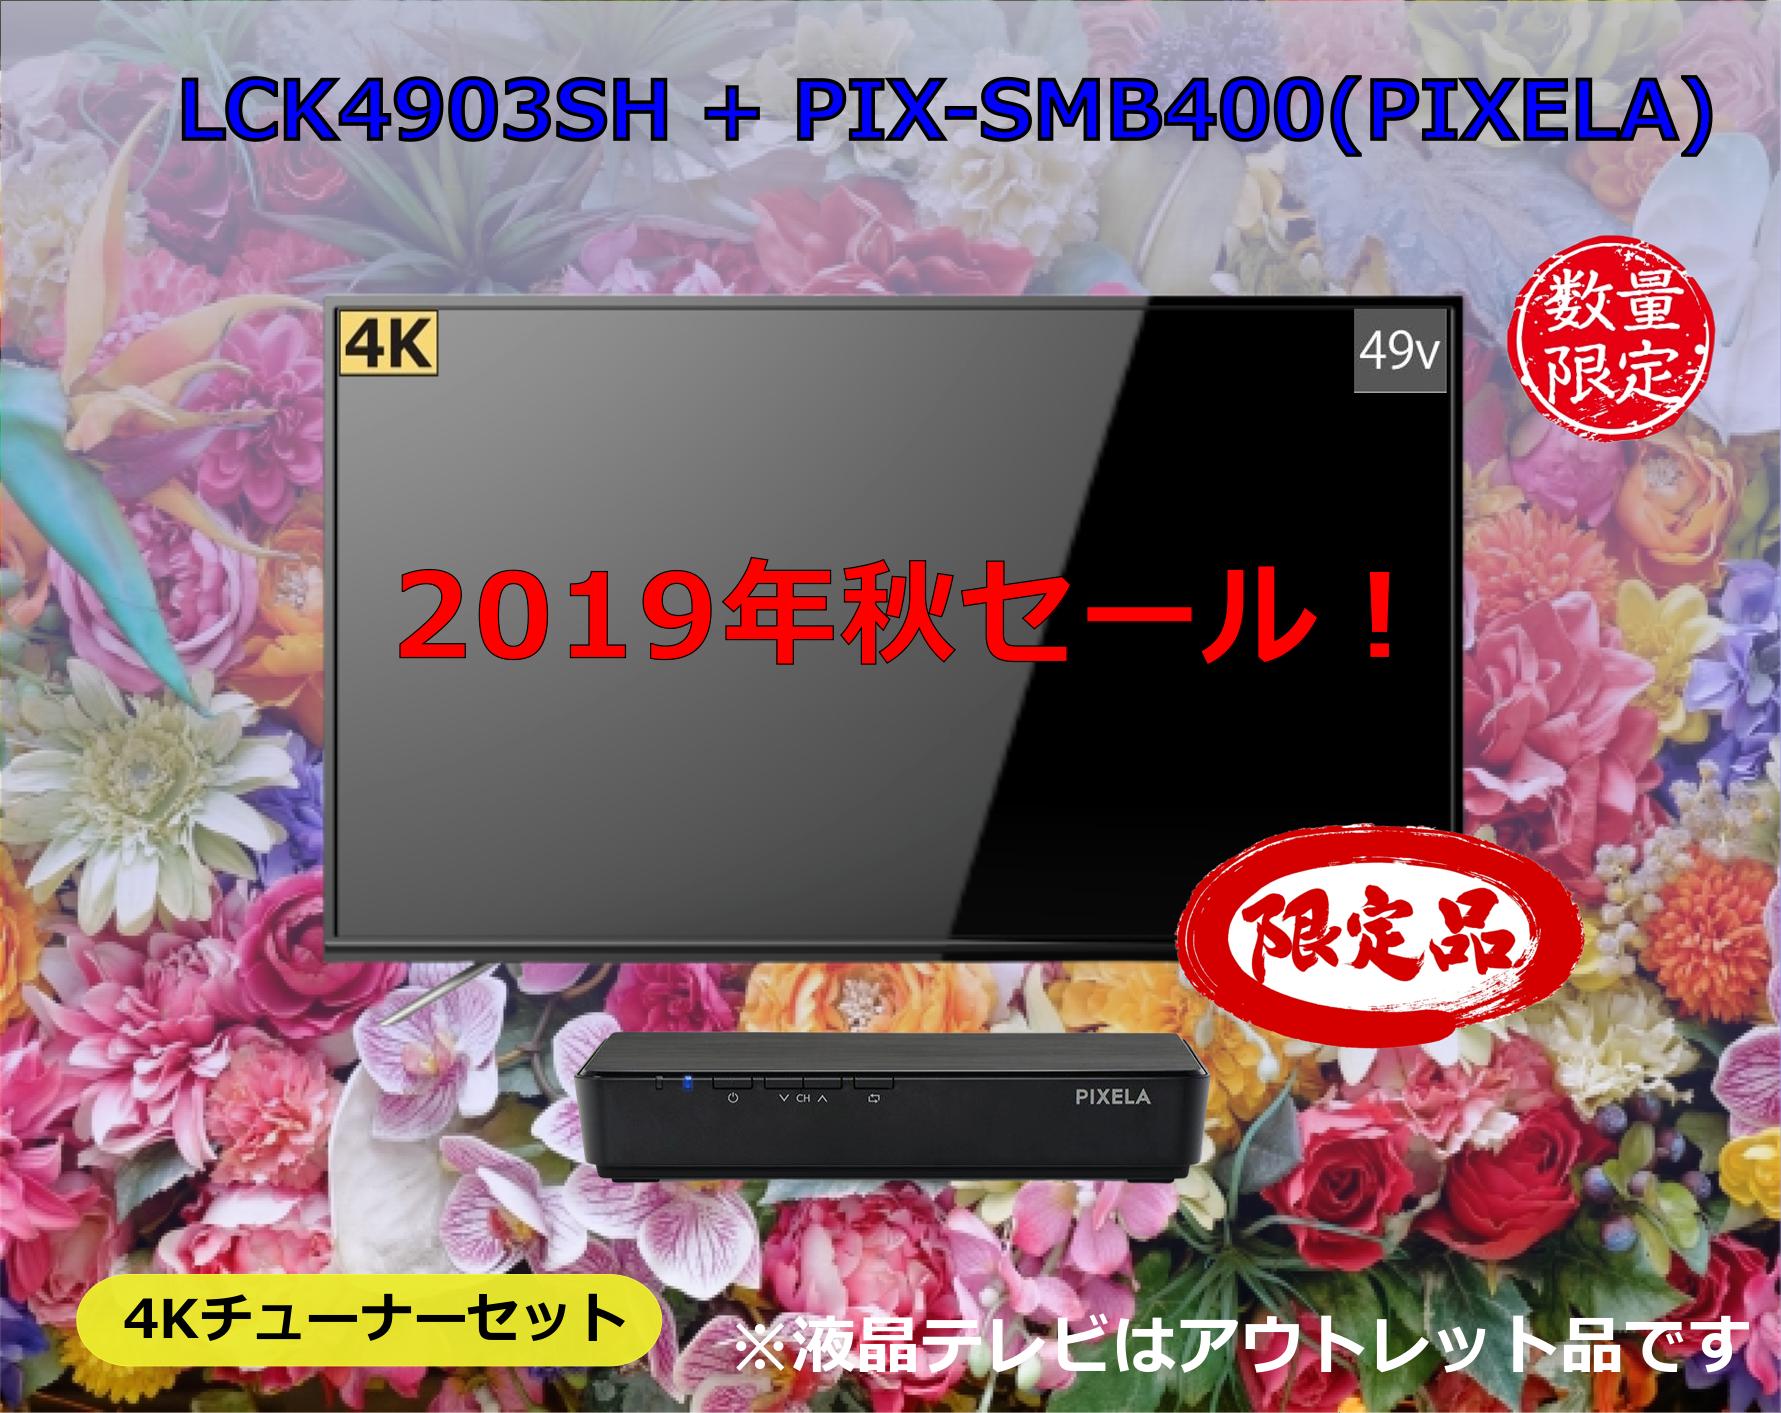 地上・BS/CSデジタル 4K対応液晶テレビ LCK4903SH(49V型)+ 4K スマートチューナー PIX-SMB400(PIXELA)画像